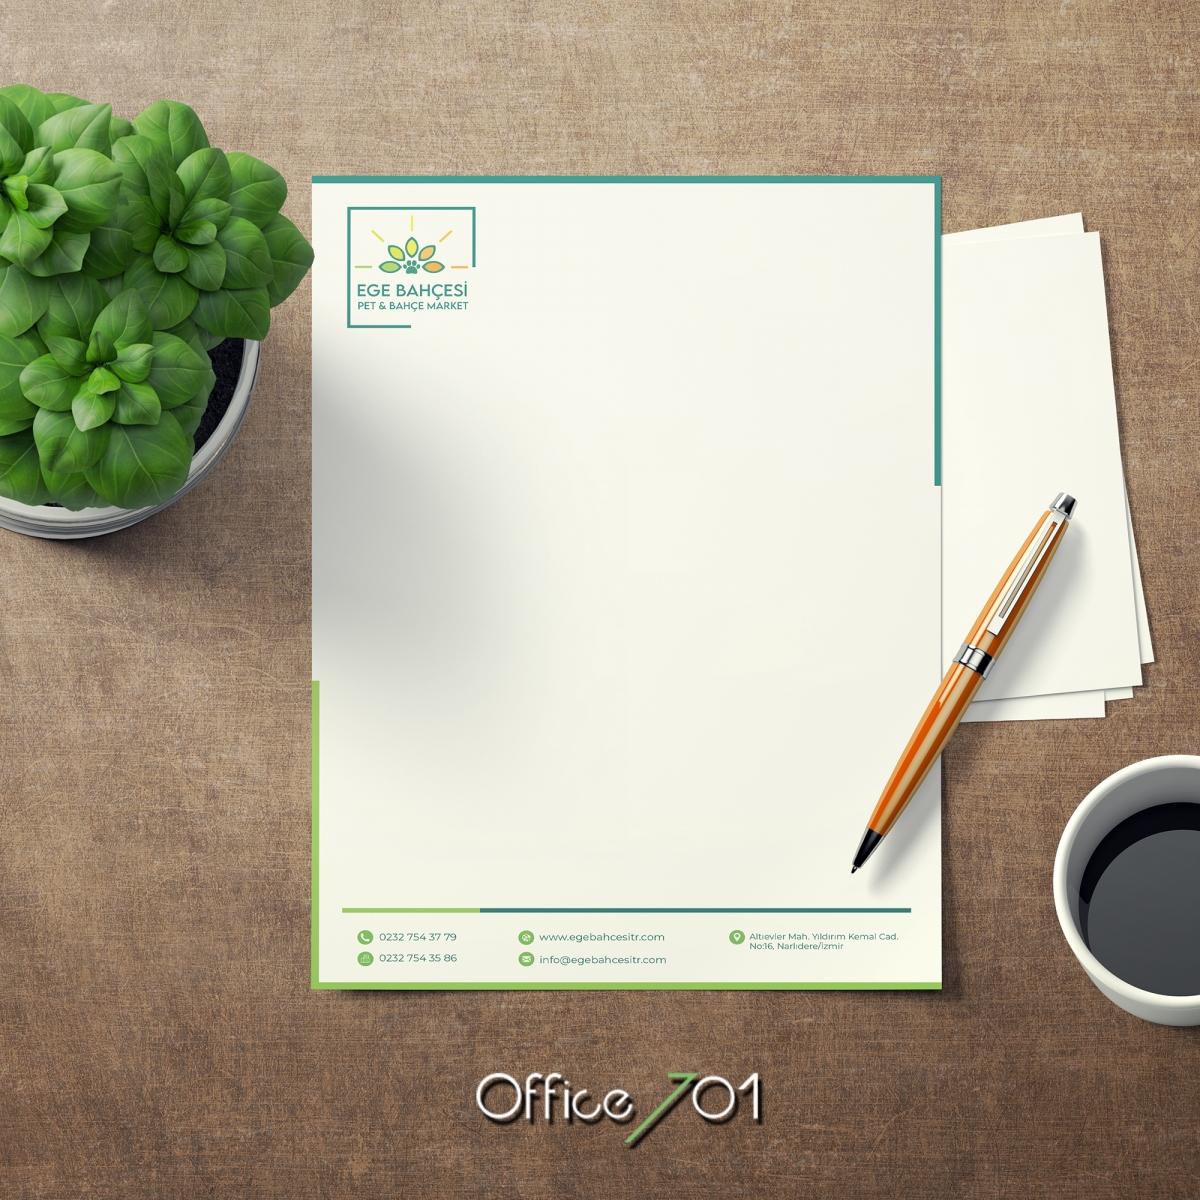 Office701 | Ege Bahçesi Notluk Tasarımı